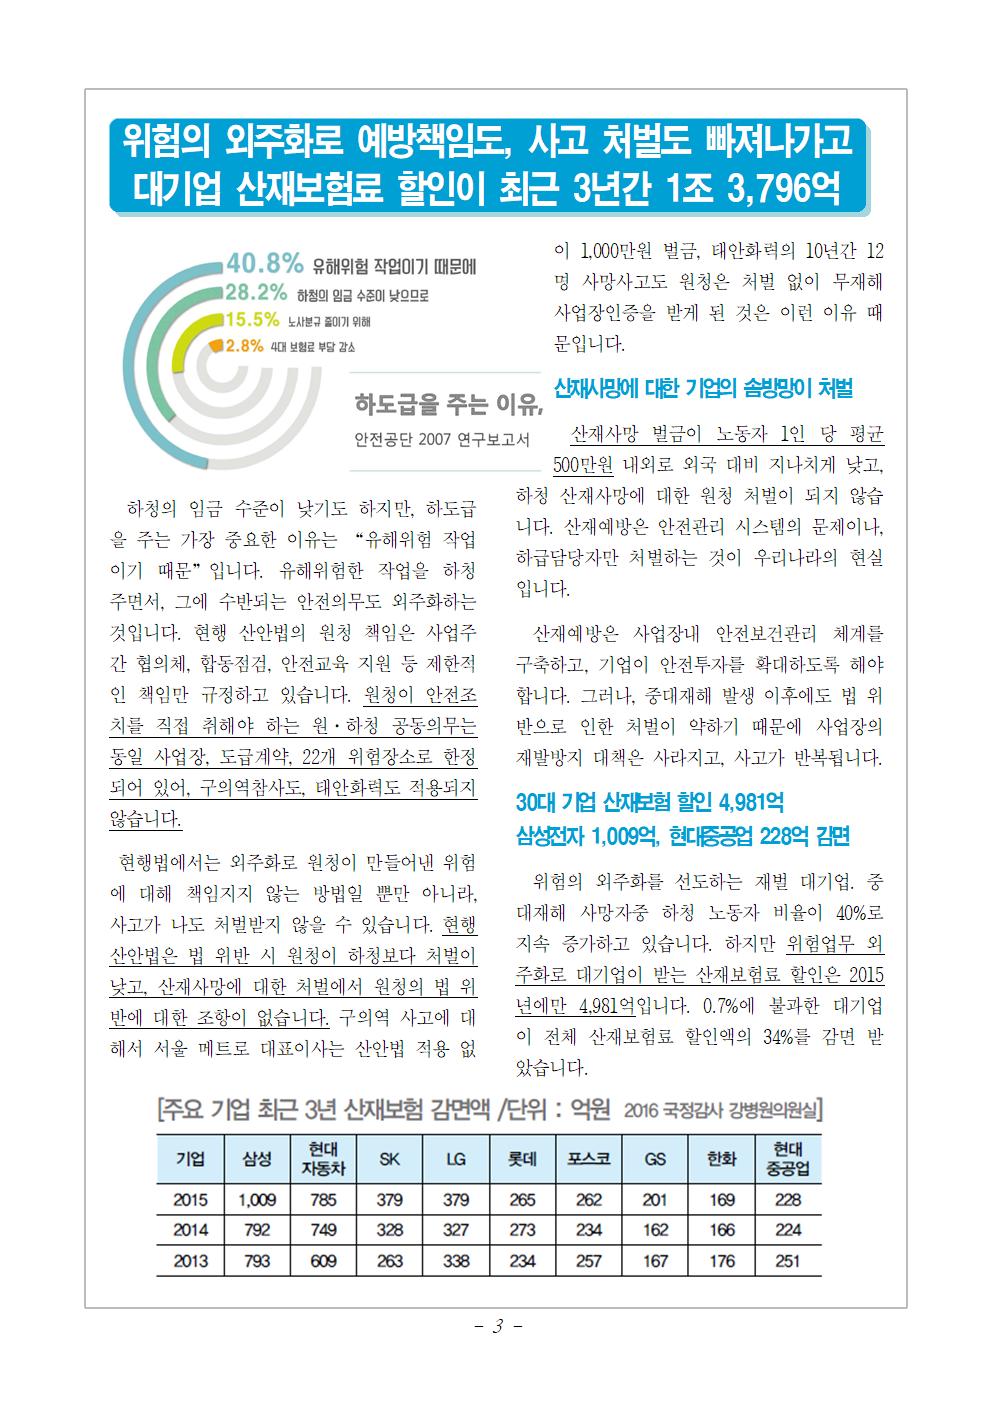 2018_교육지_1 (3).png